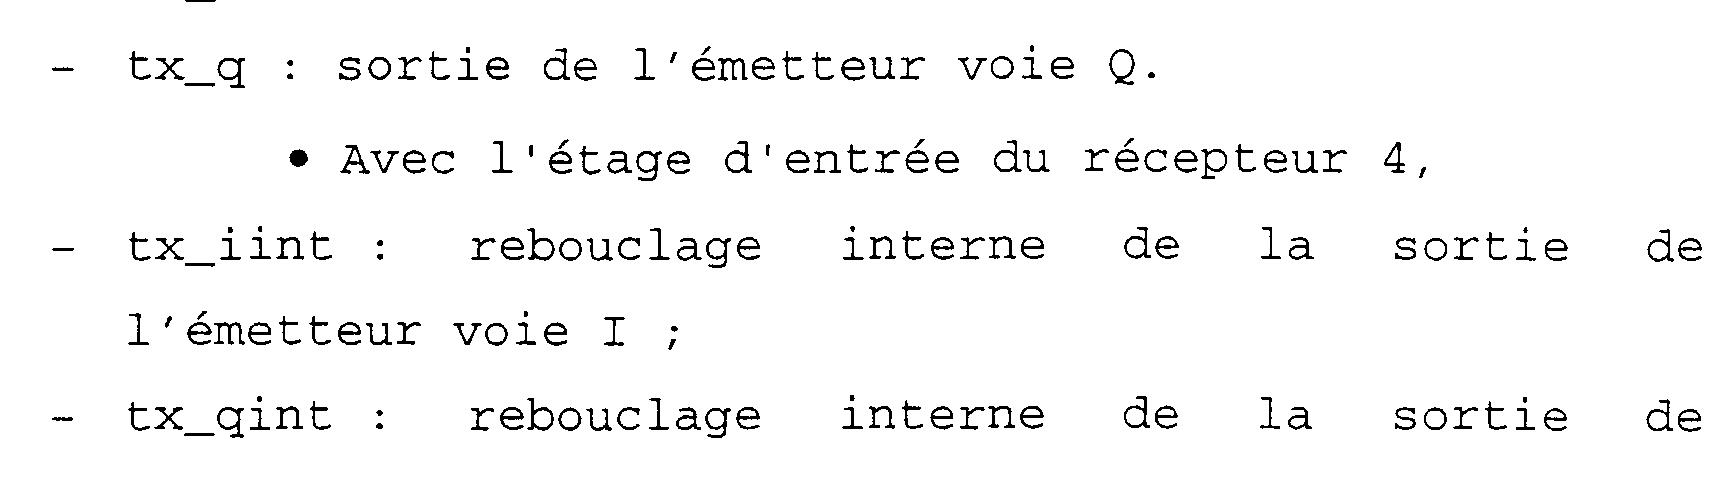 Figure img00120003